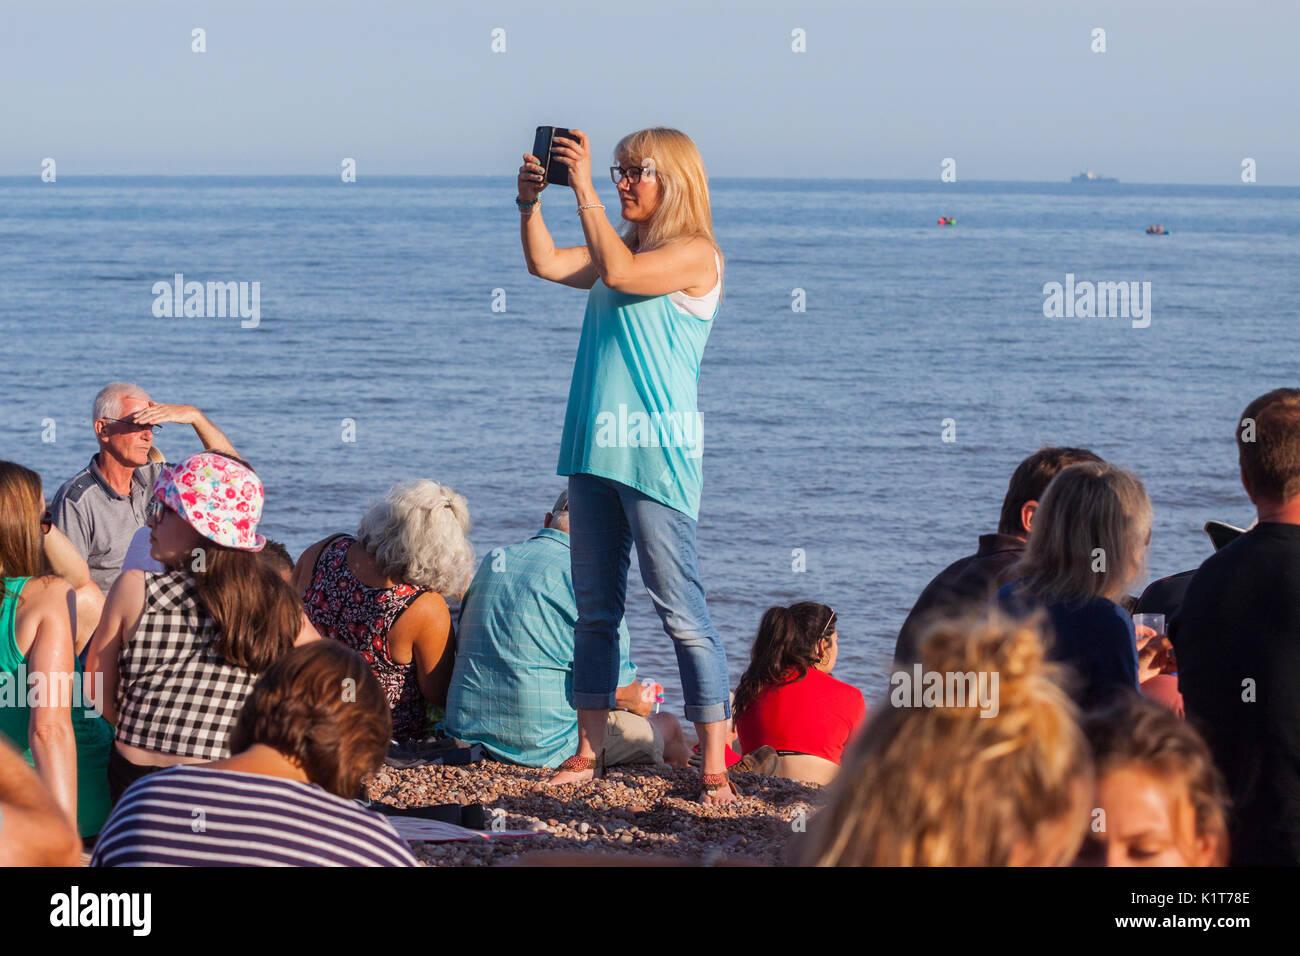 Una giovane donna prende foto video utilizzando un telefono cellulare su una spiaggia. Immagini Stock